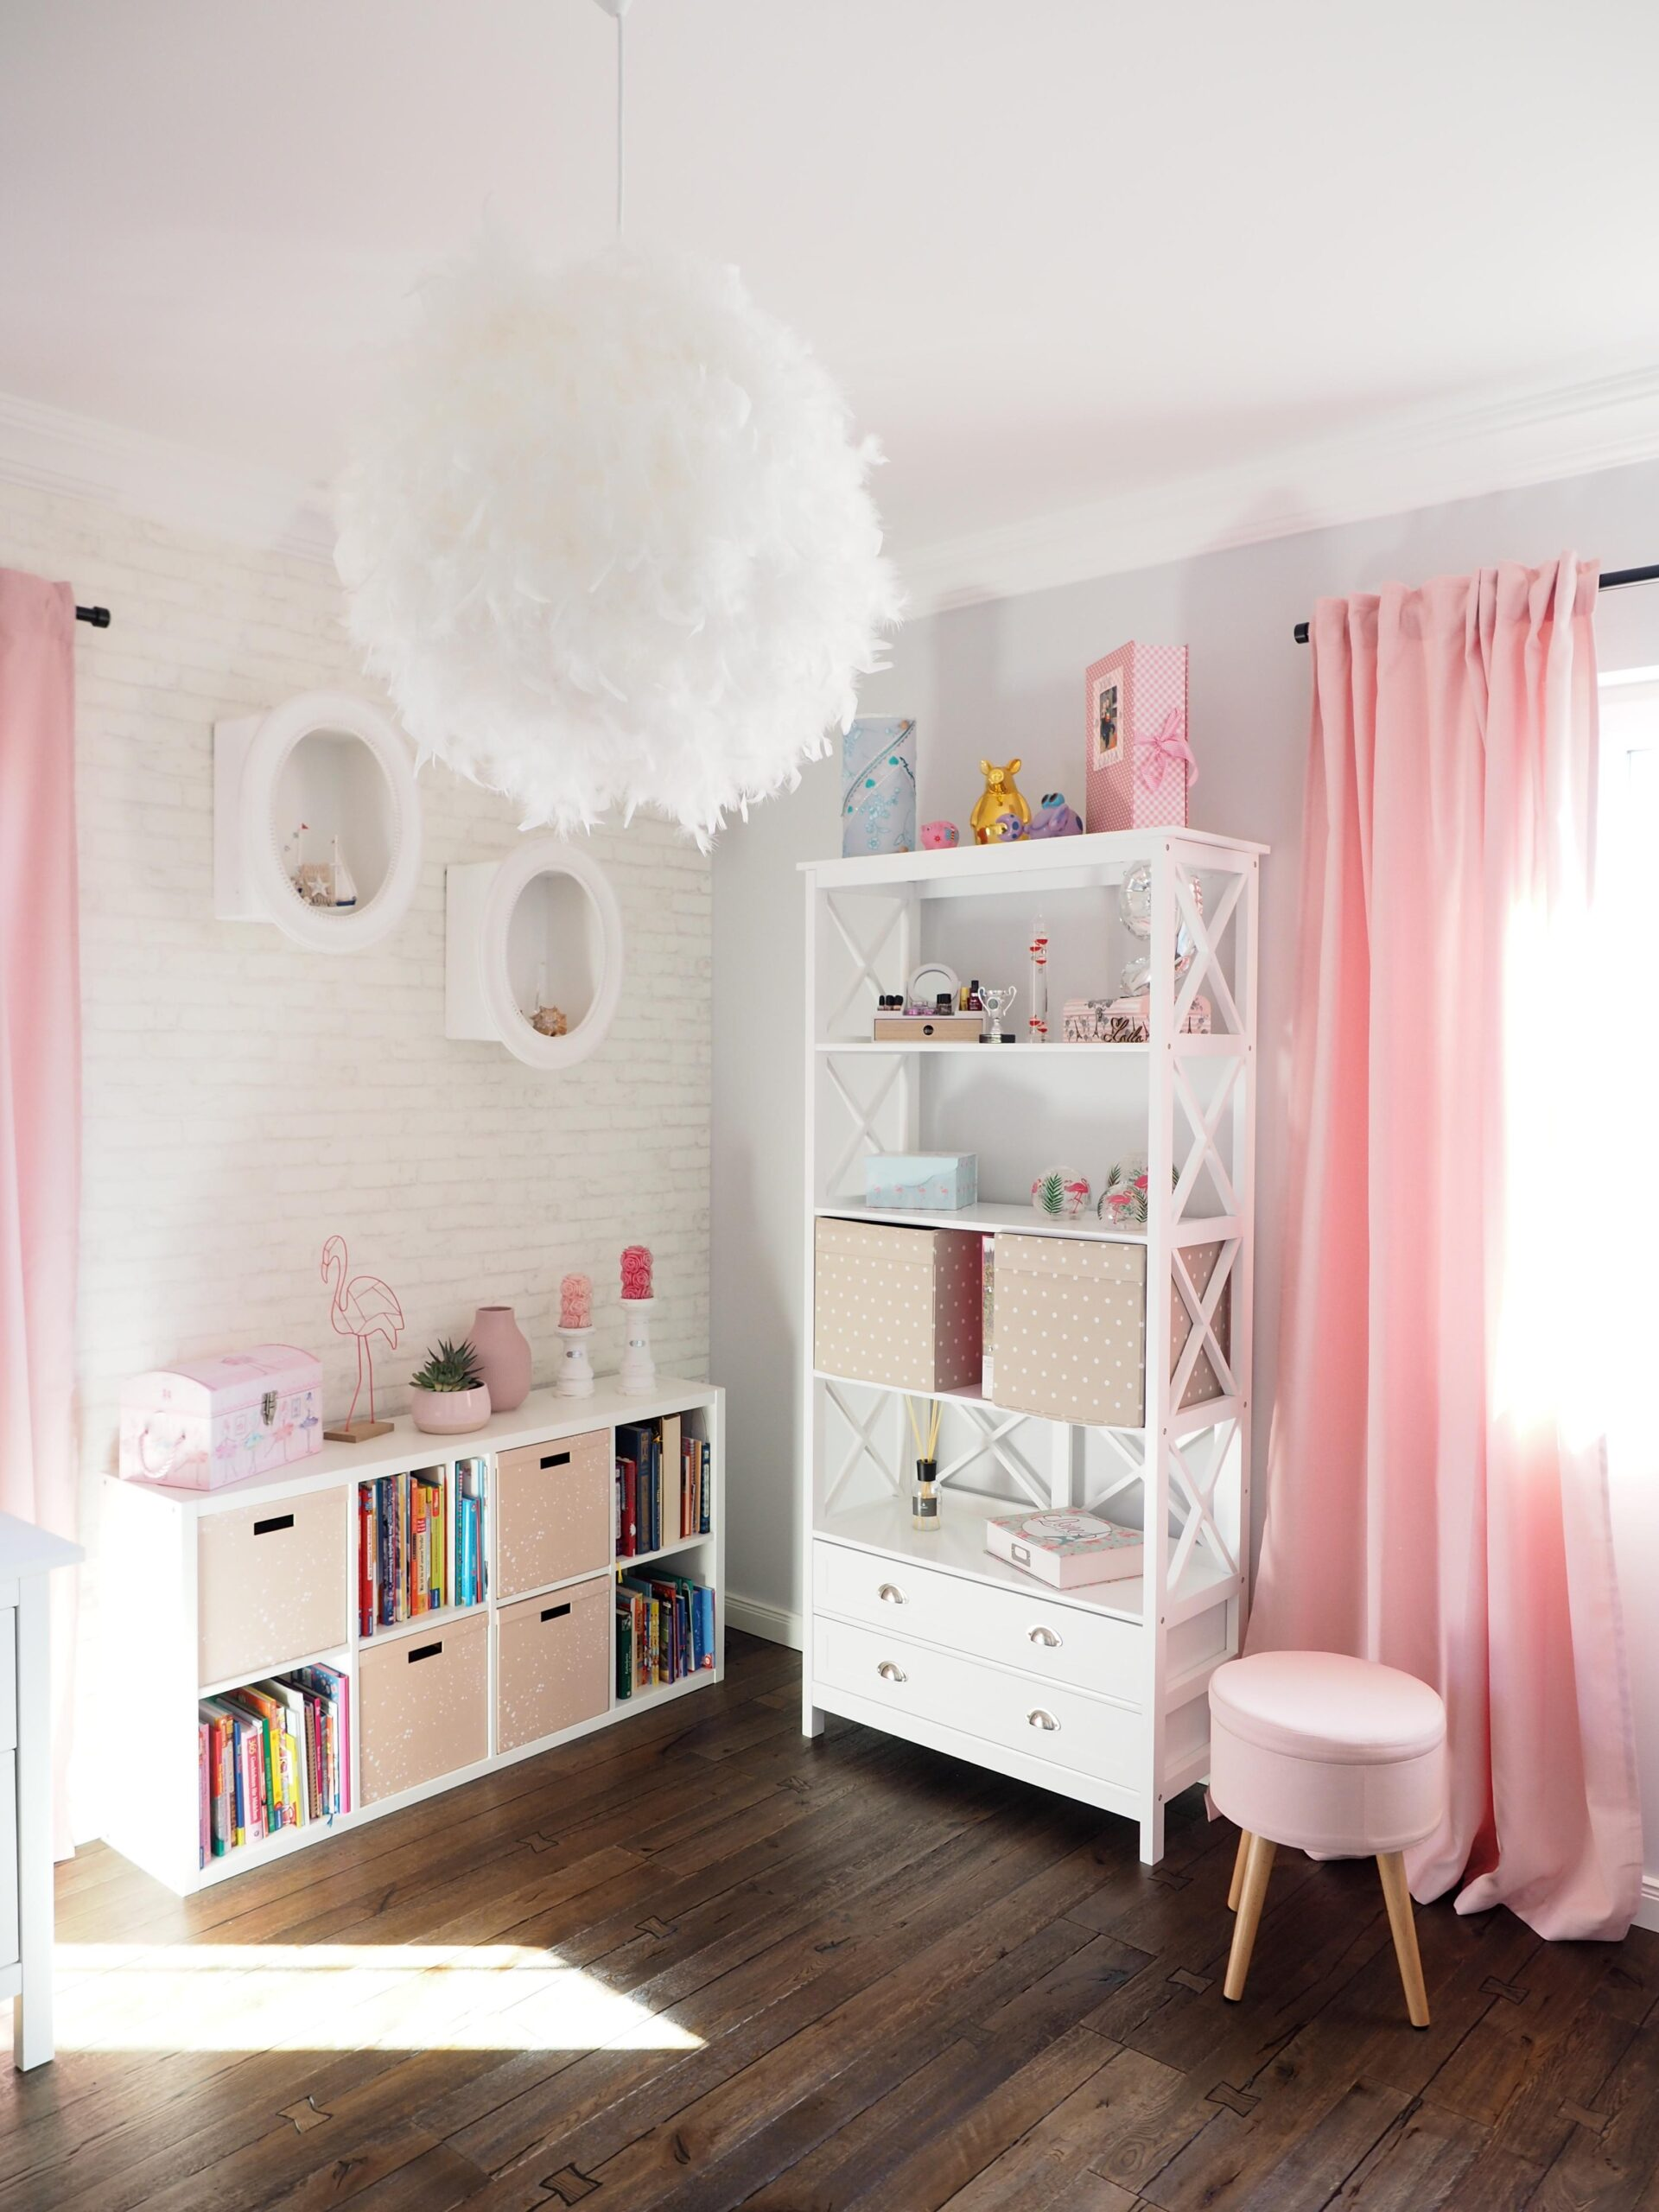 Full Size of Prinzessin Kinderzimmer Komplett Lillifee Gestalten Playmobil Jugendzimmer Bett Deko Prinzessinnen Sofa Regal Weiß Prinzessinen Regale Kinderzimmer Kinderzimmer Prinzessin